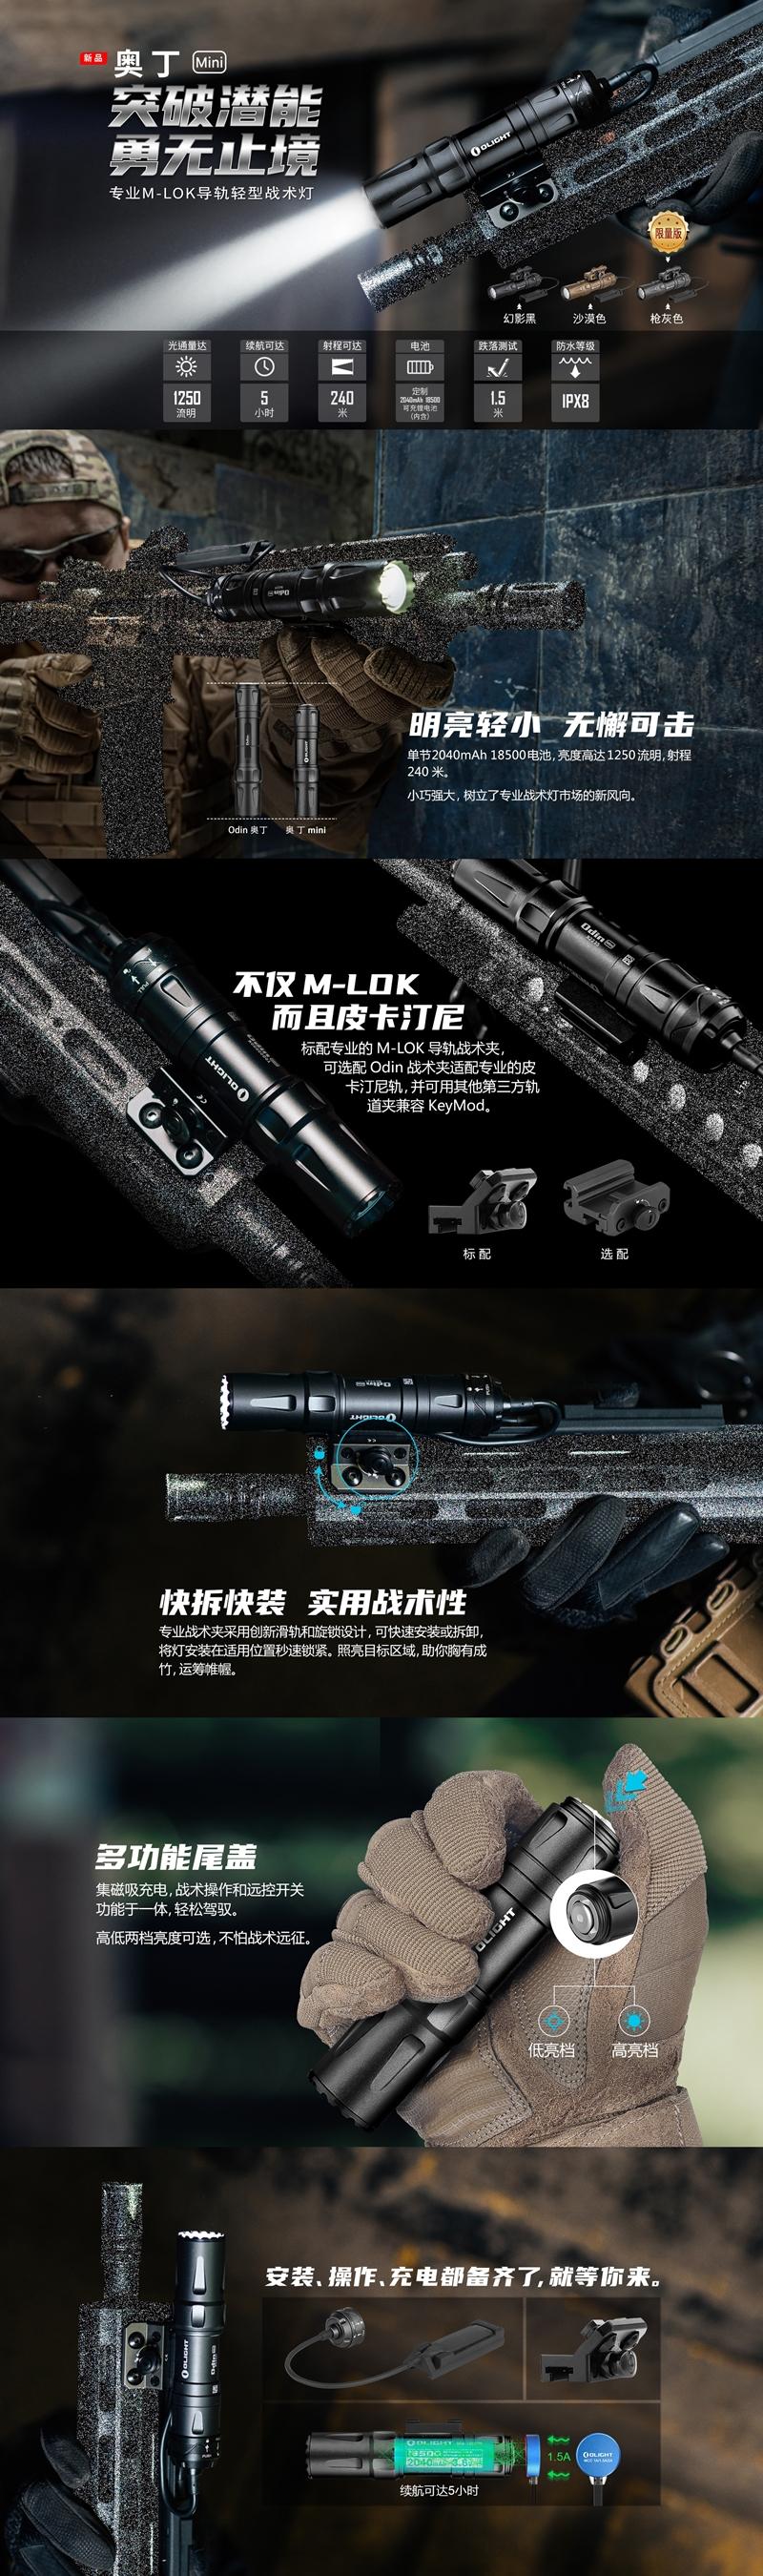 【錸特光電 OLIGHT台灣代理商】Odin Mini 奧丁-1